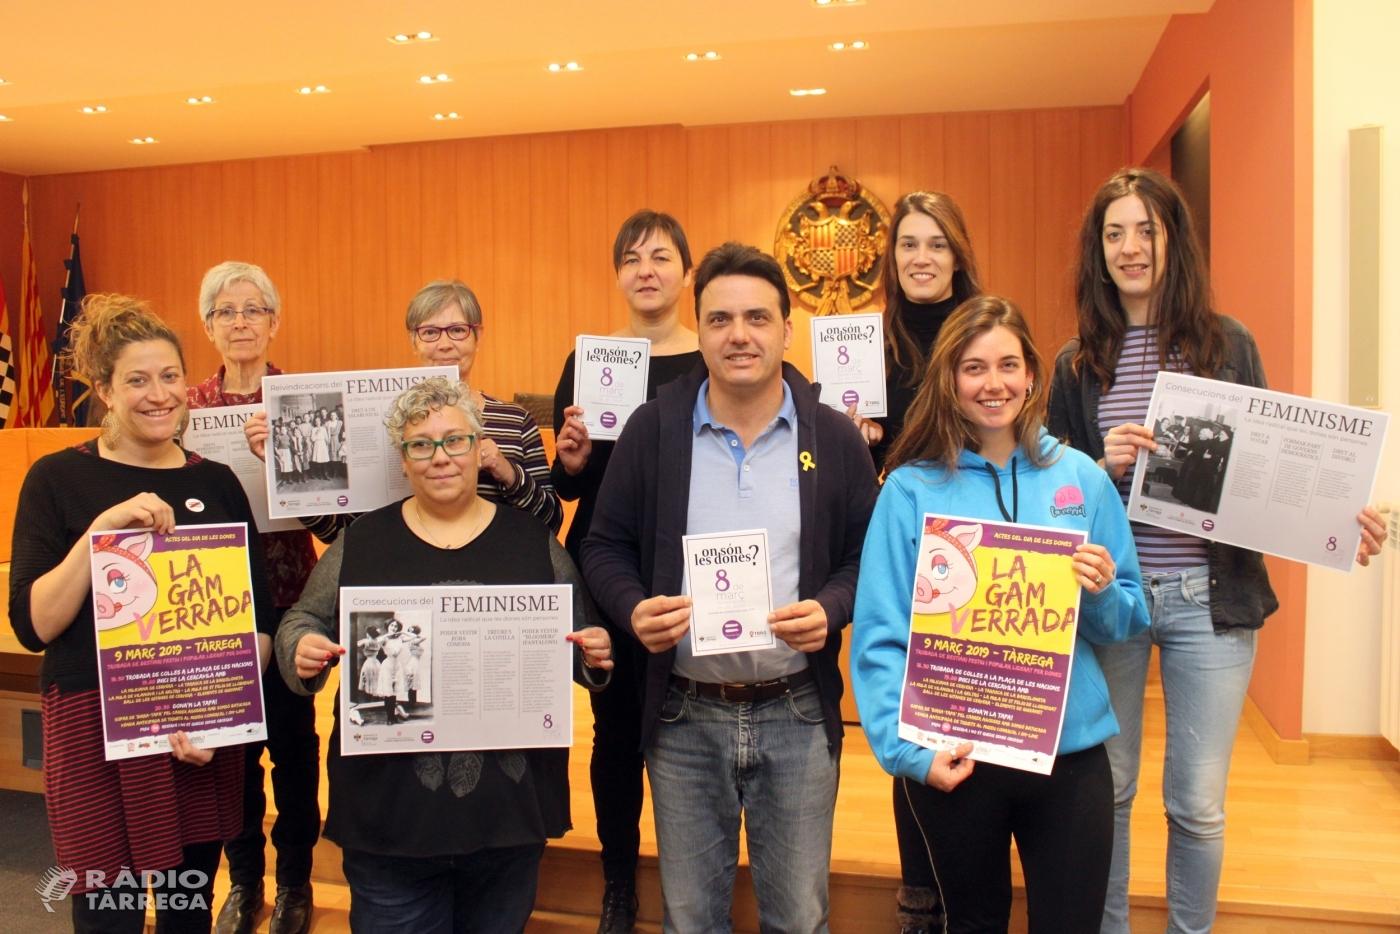 Tàrrega commemora el Dia Internacional de les Dones amb un ampli programa d'actes del 7 al 21 de març per sensibilitzar en favor de la igualtat de gènere